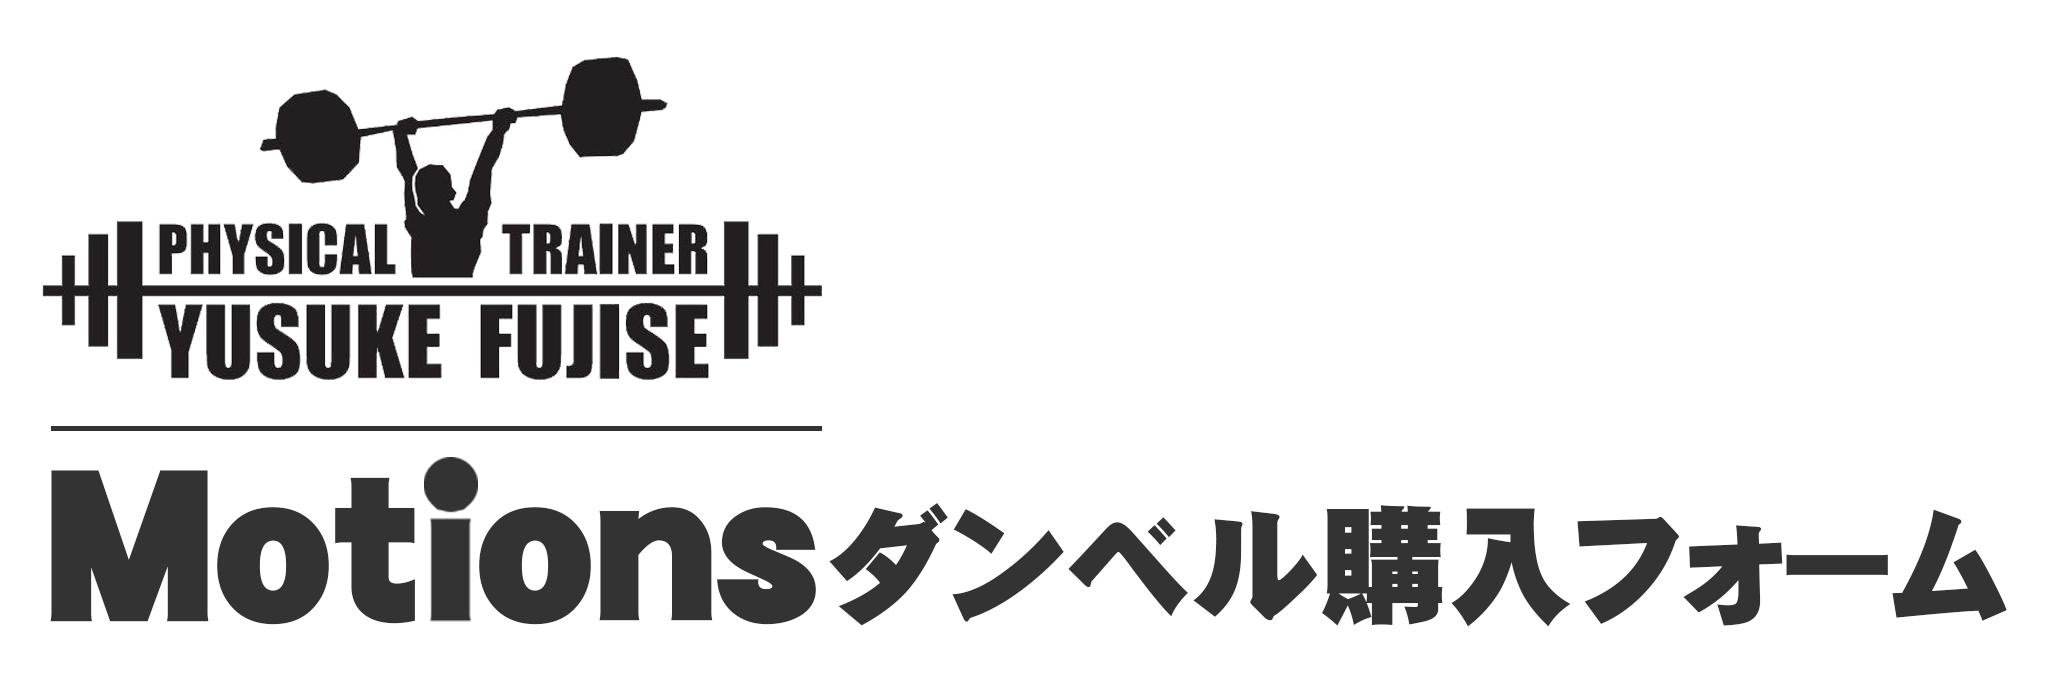 FUJISEジムMotionsダンベル